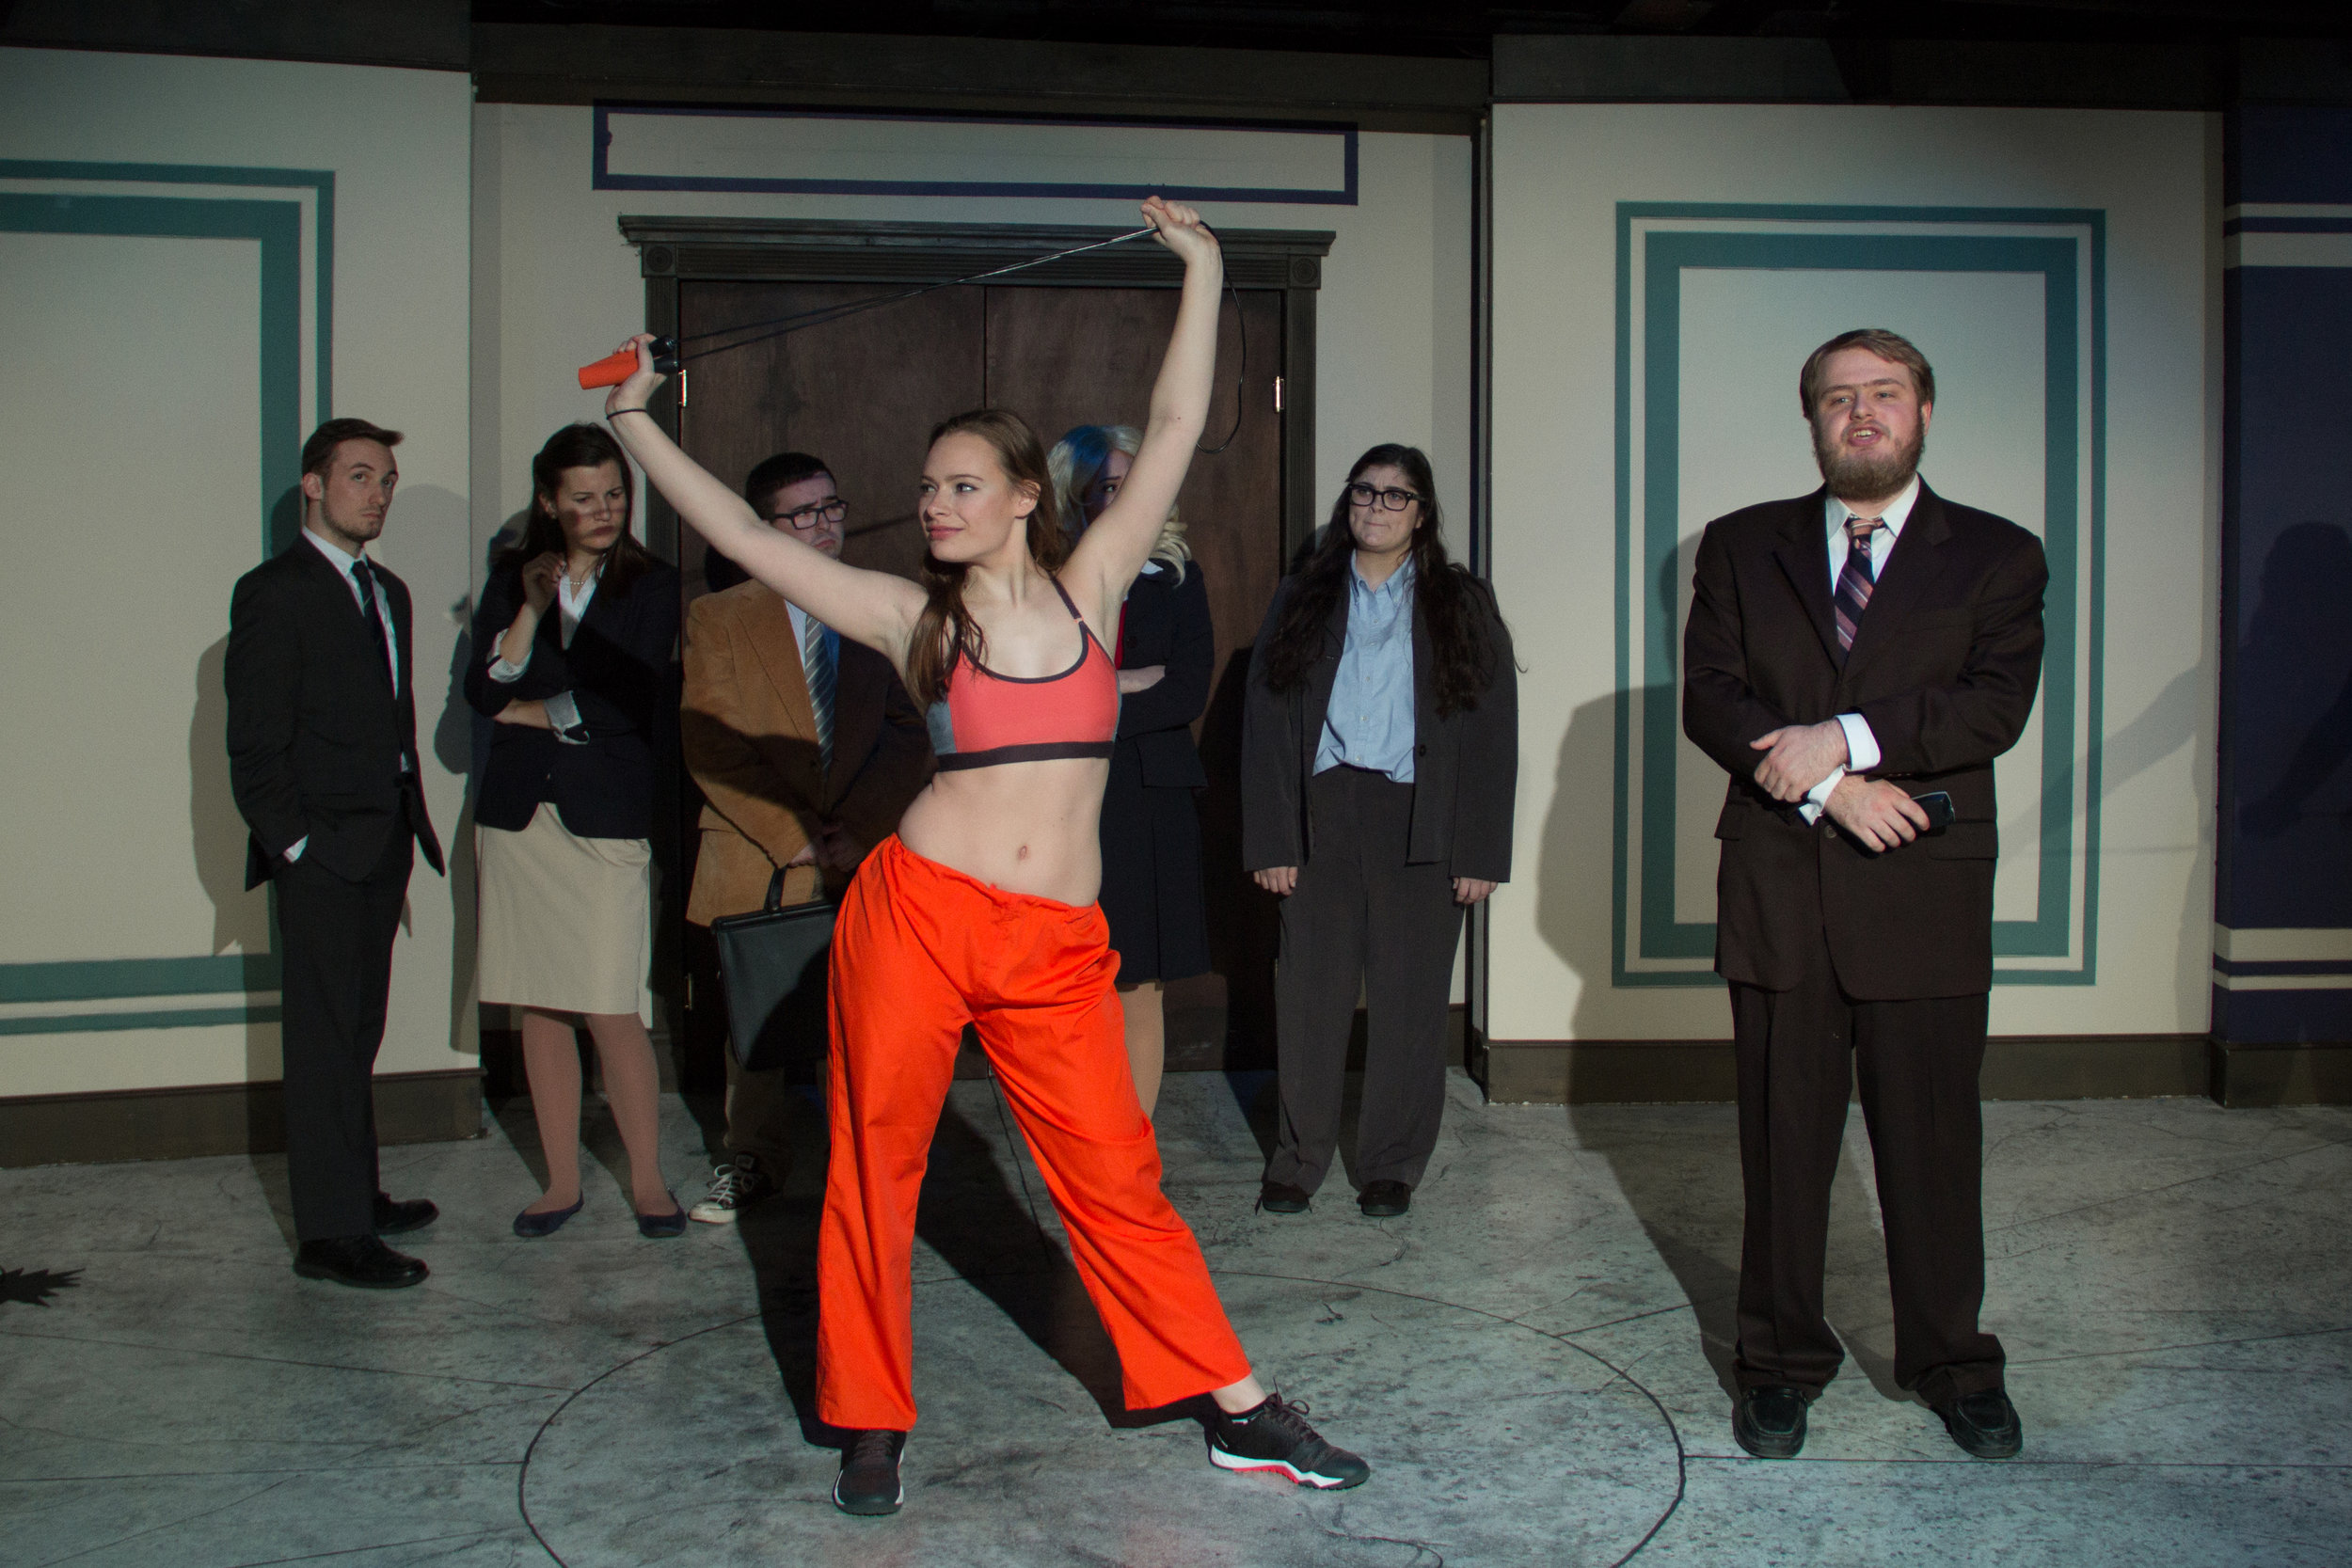 Legally Blonde: The Musical (Cabrini Theatre)